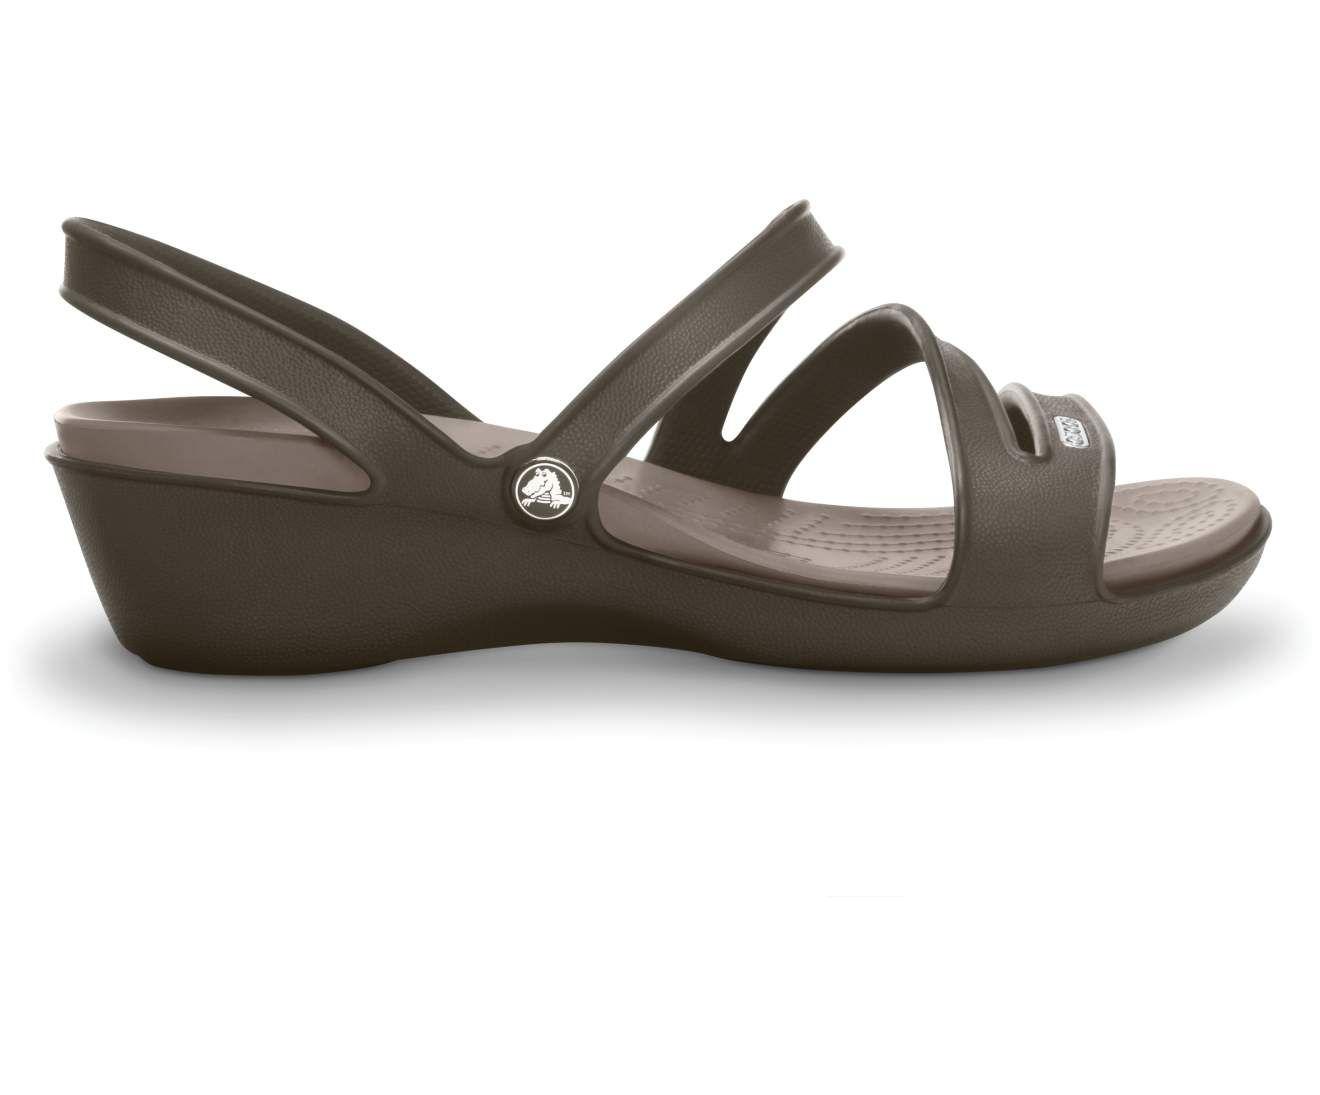 88550e56502 Crocs™ Patricia Wedge Sandal | Comfortable Women's Sandal| Crocs Official  Site